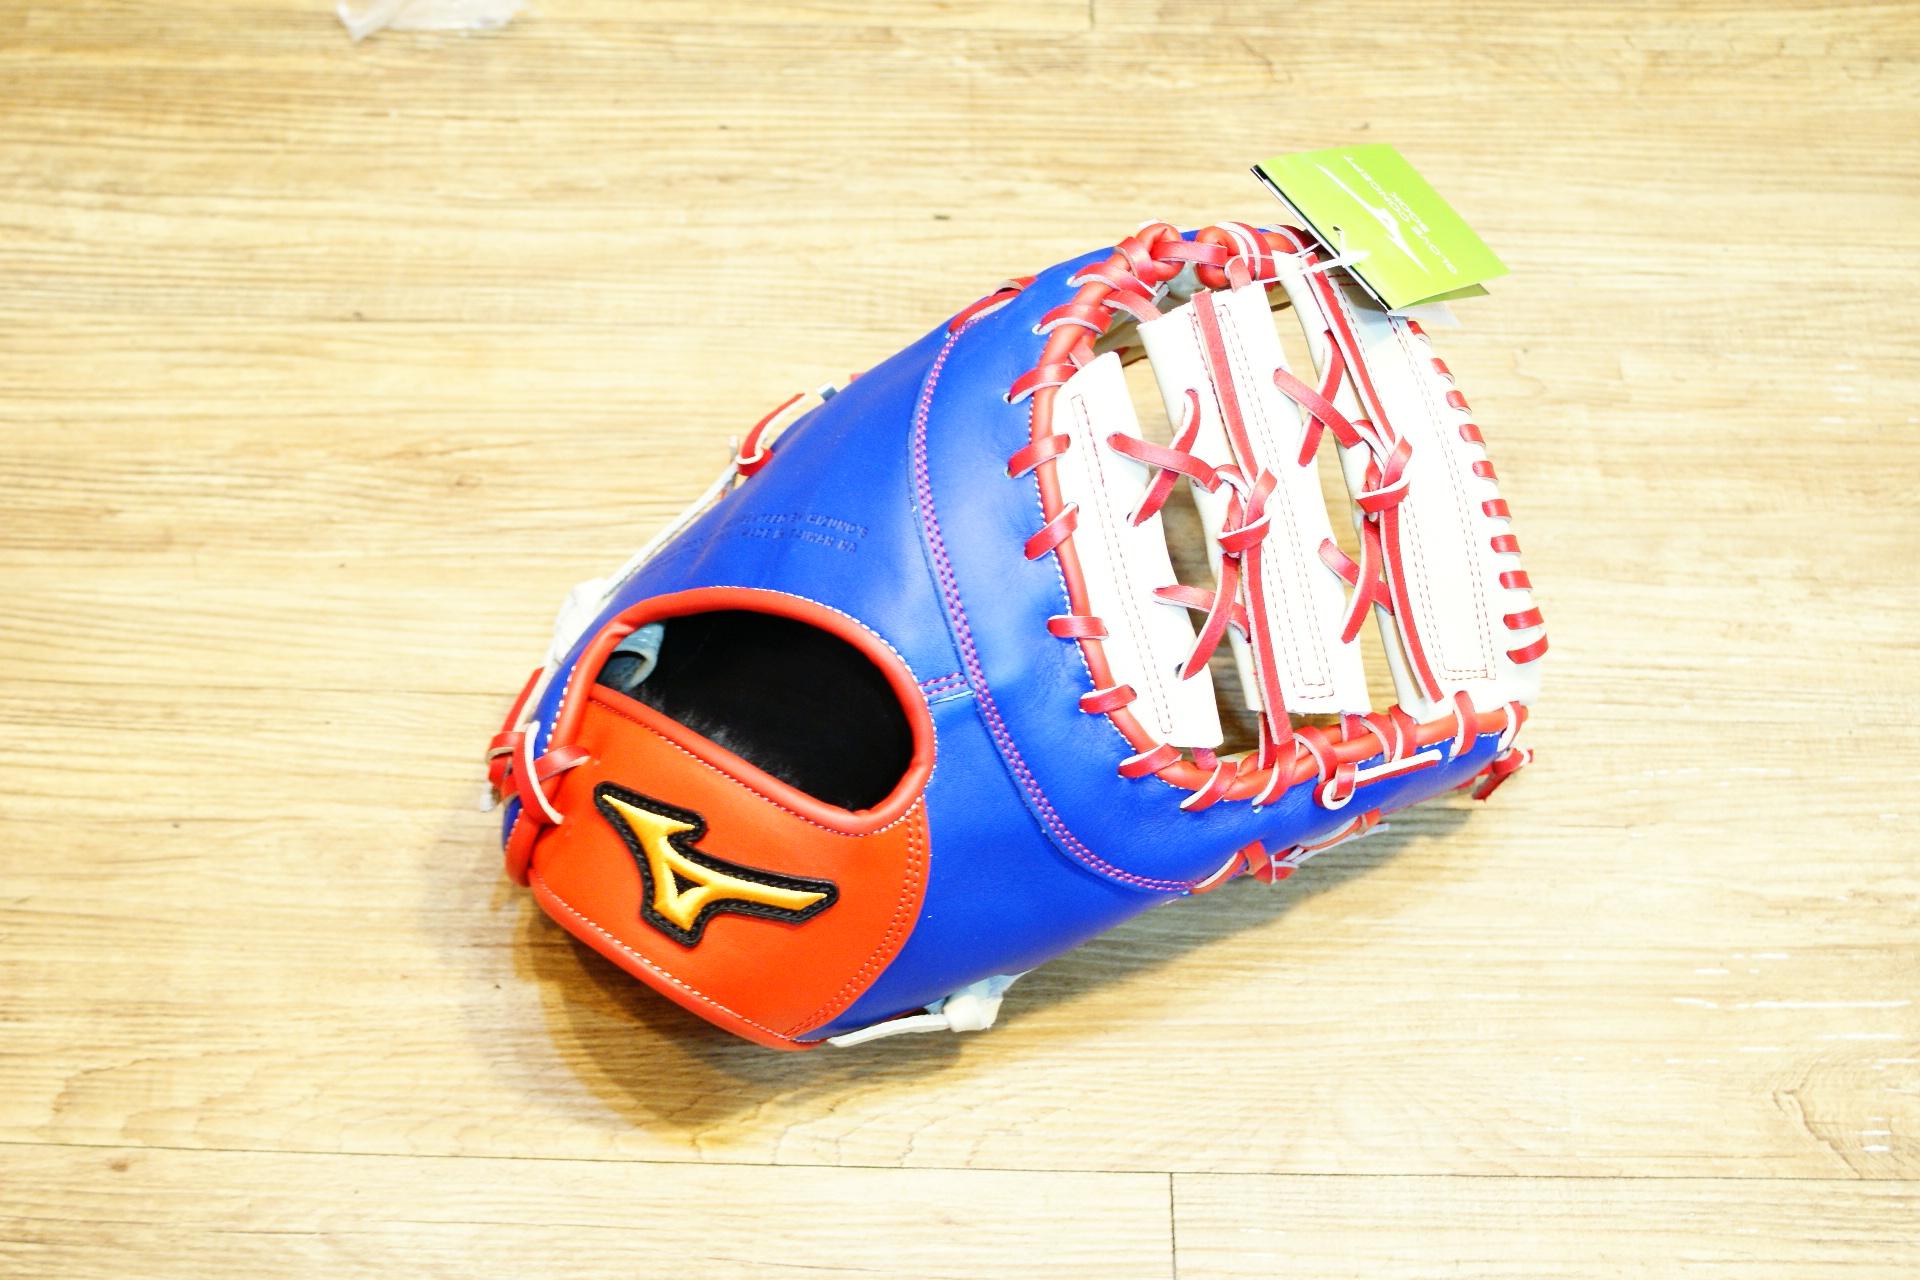 棒球世界 Mizuno美津濃 deep hollow硬式手套 1ATFH50400 特價 棒球一壘手 中華隊配色